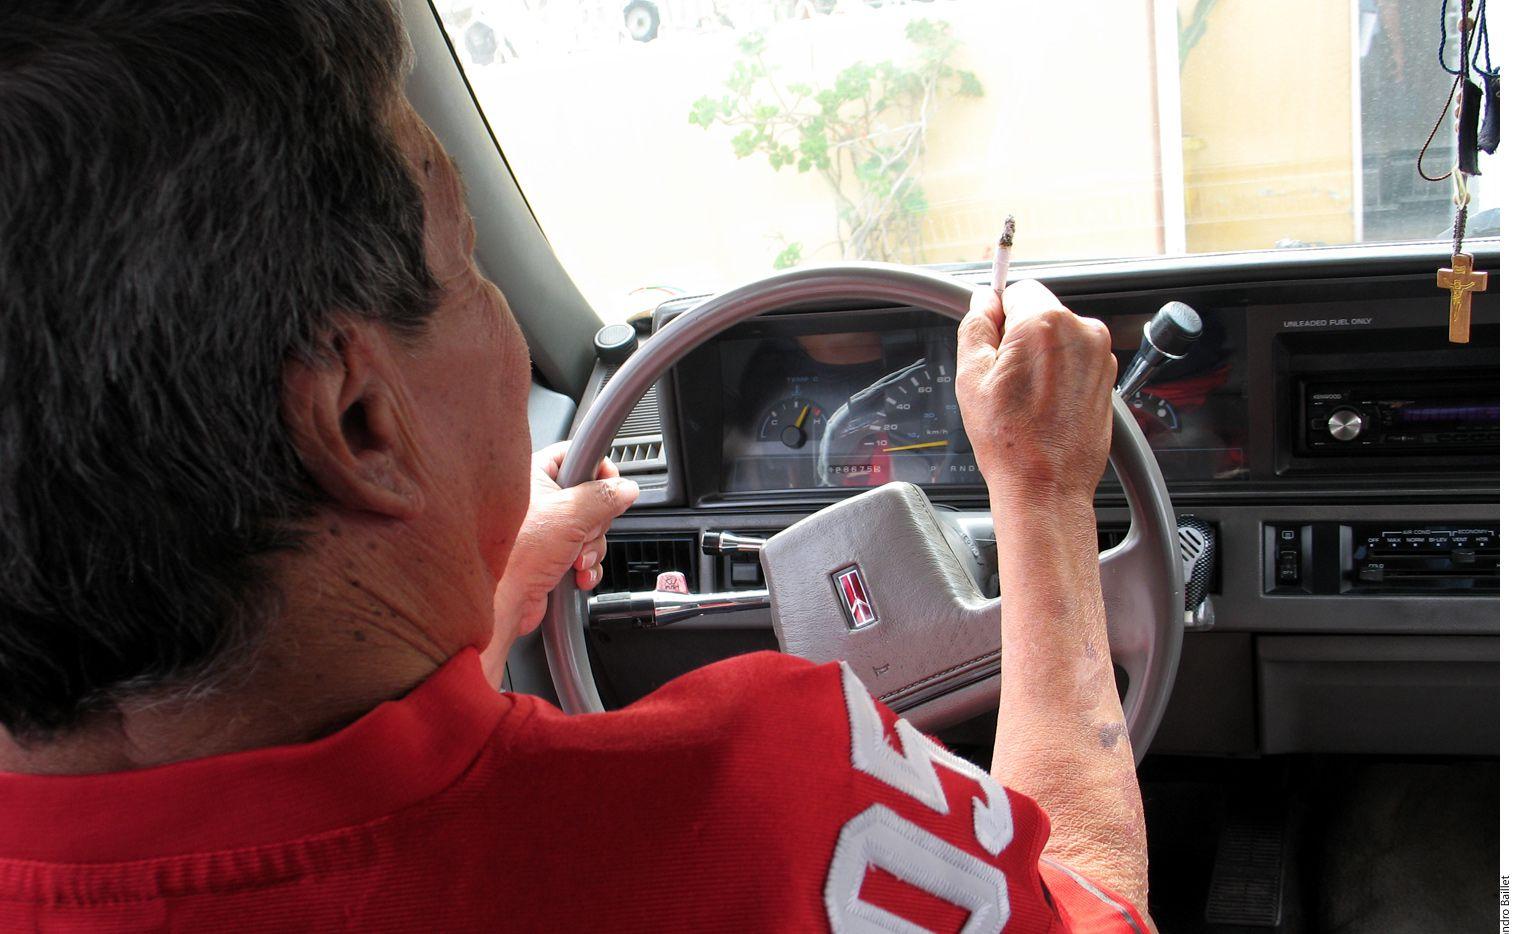 En conjunto con la Fundación Interamericana del Corazón México, la UNAM ofrece tratamiento gratuito a 90 adultos que deseen librarse del tabaquismo. AGENCIA REFORMA.